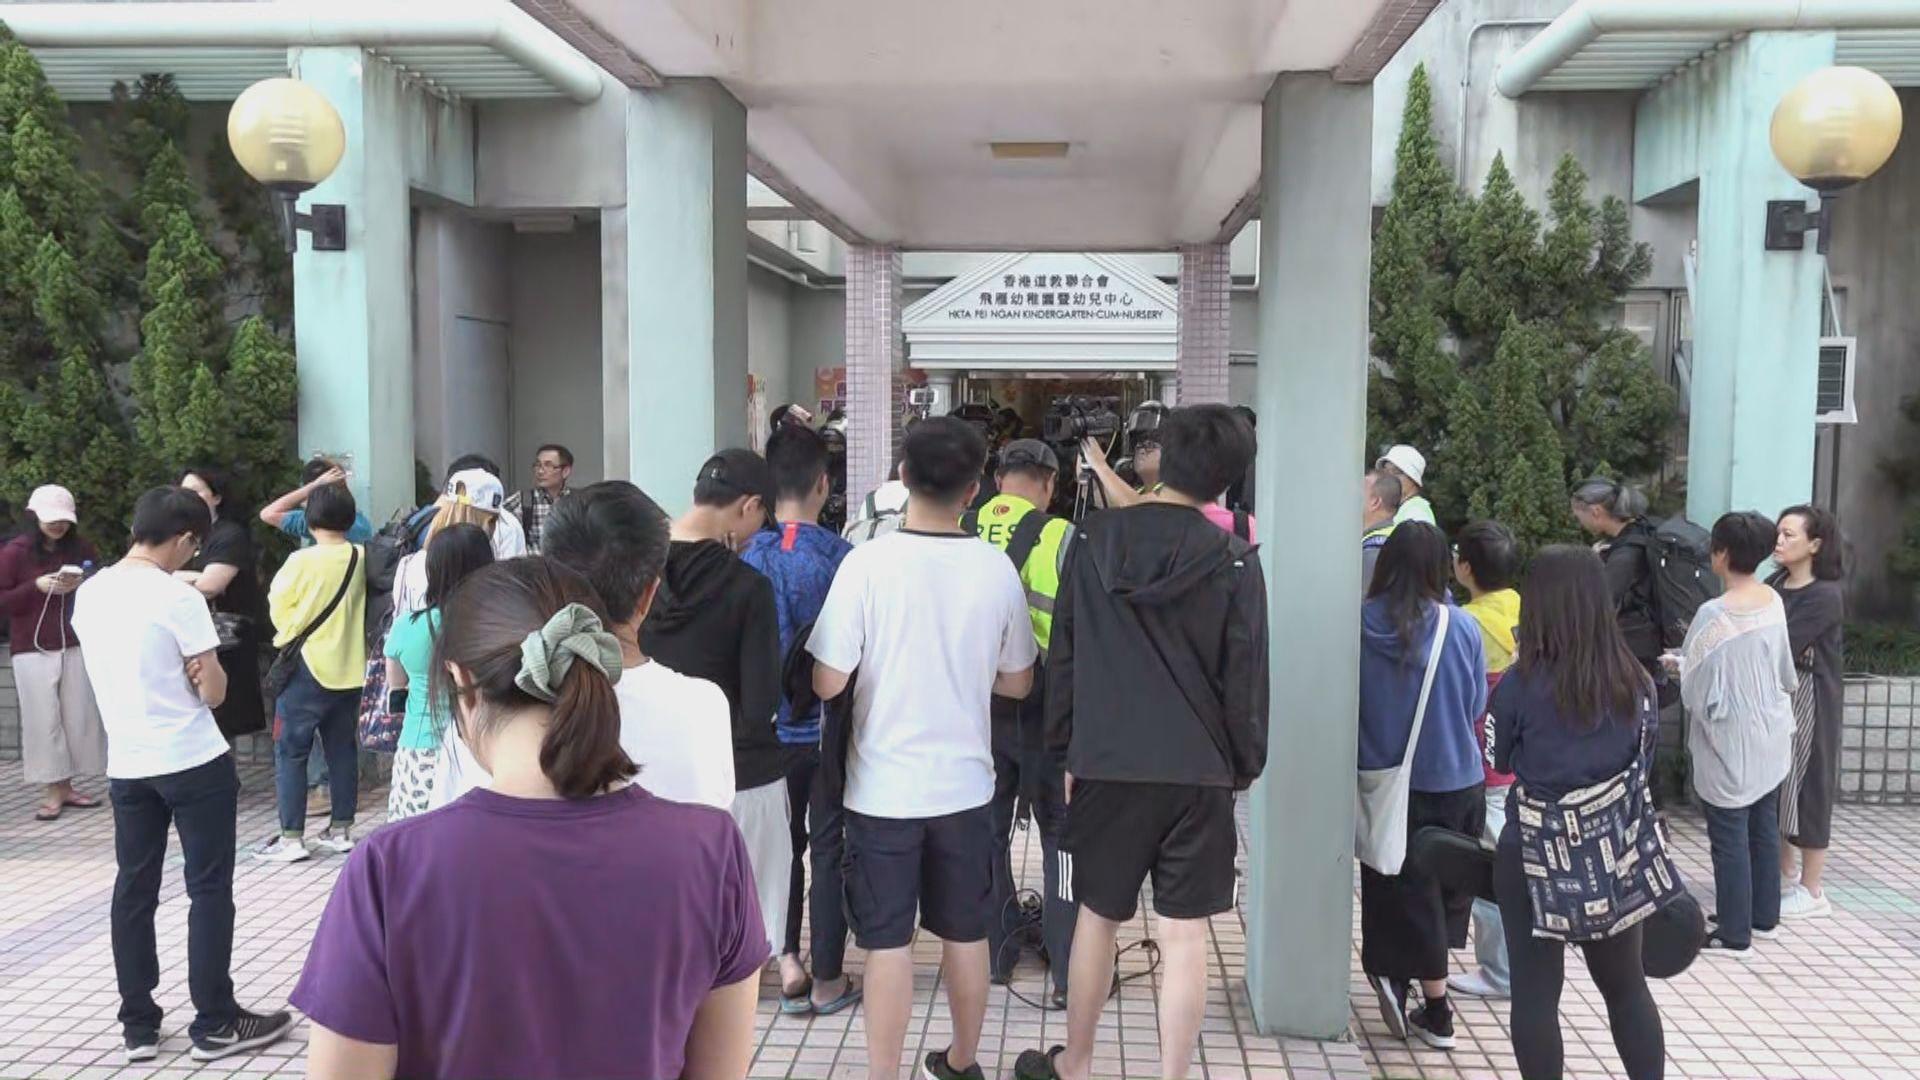 藍田選區有人質疑選舉不公拒離開票站